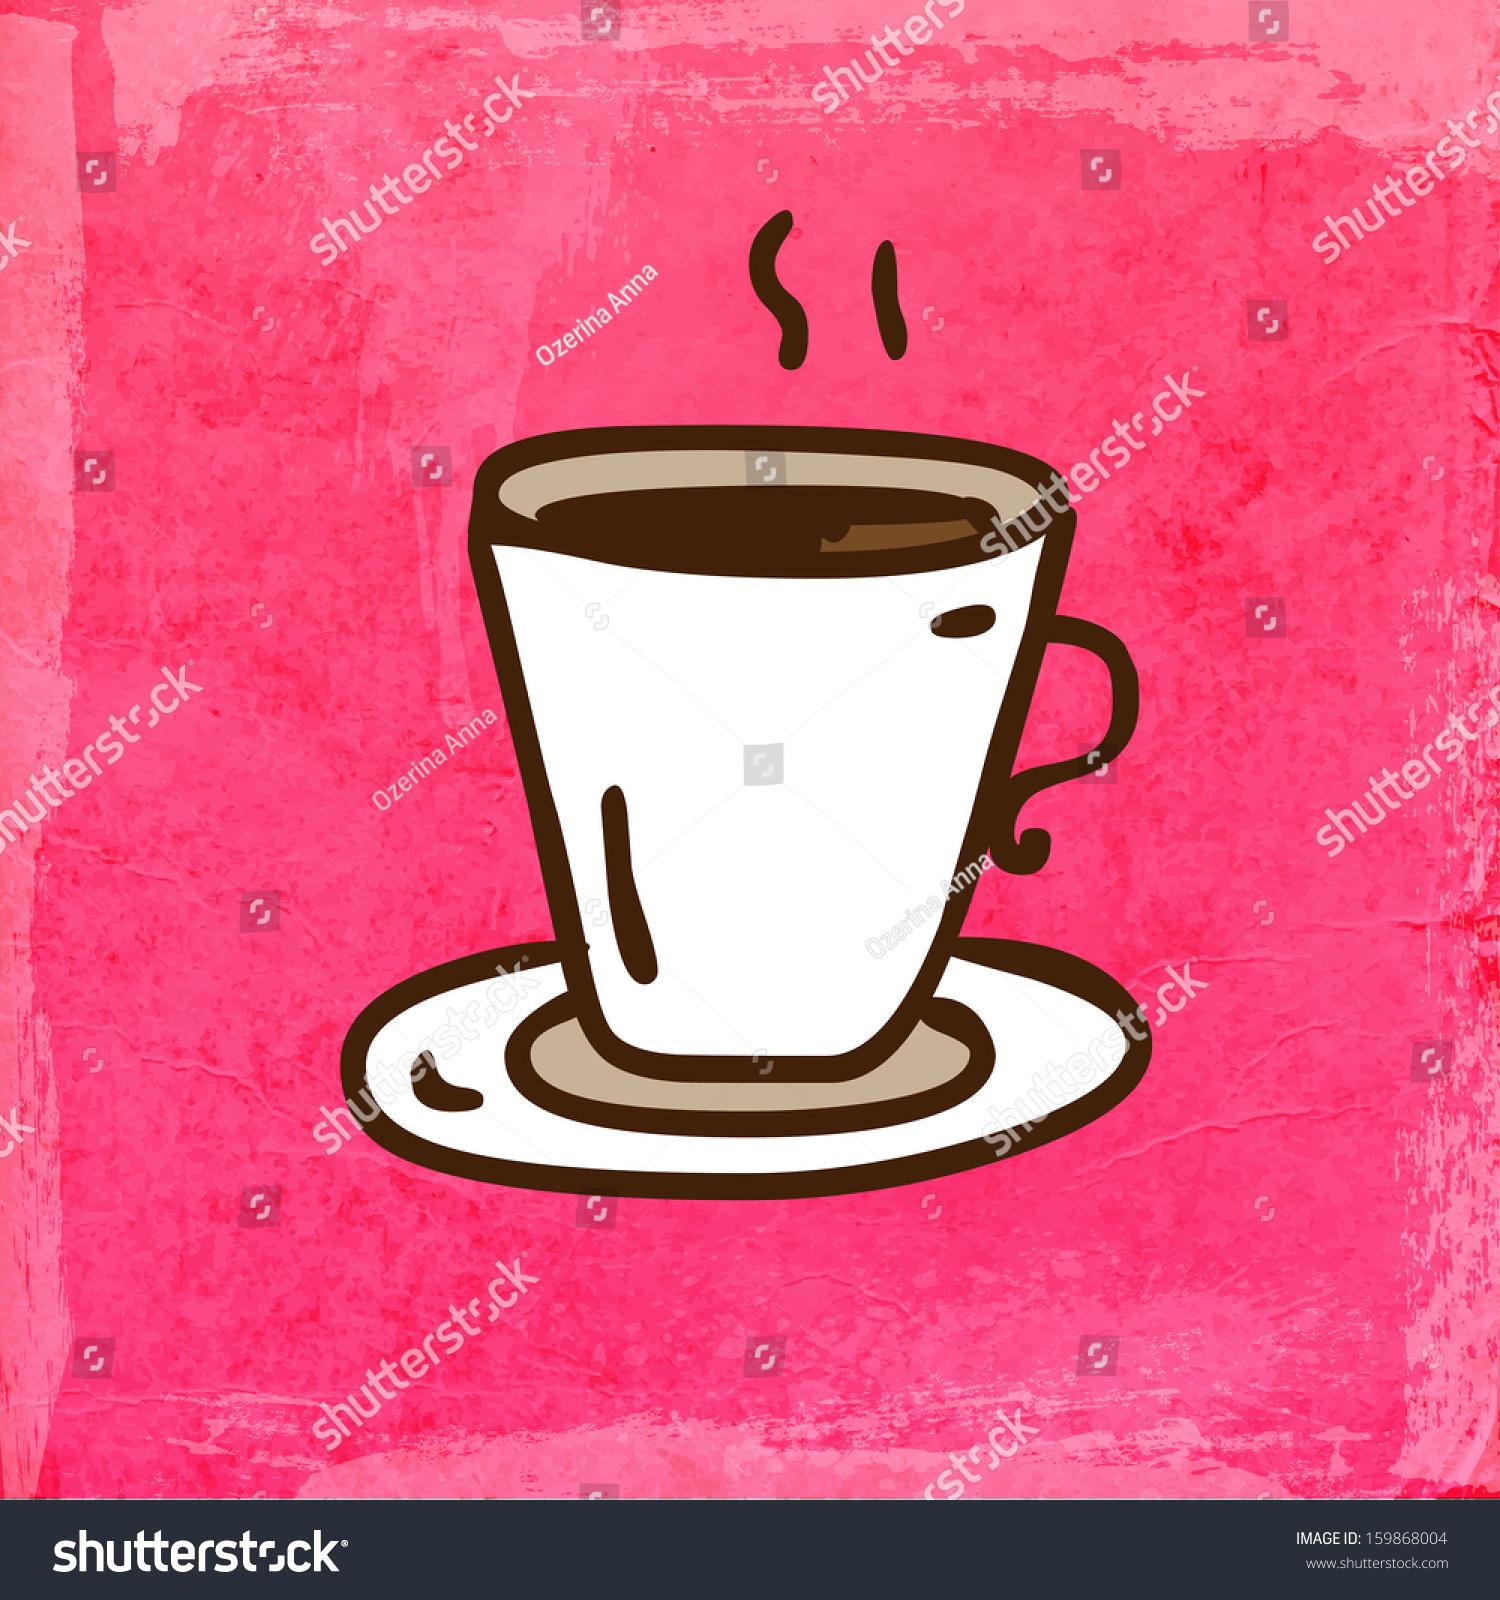 一杯咖啡.可爱的手绘矢量插图